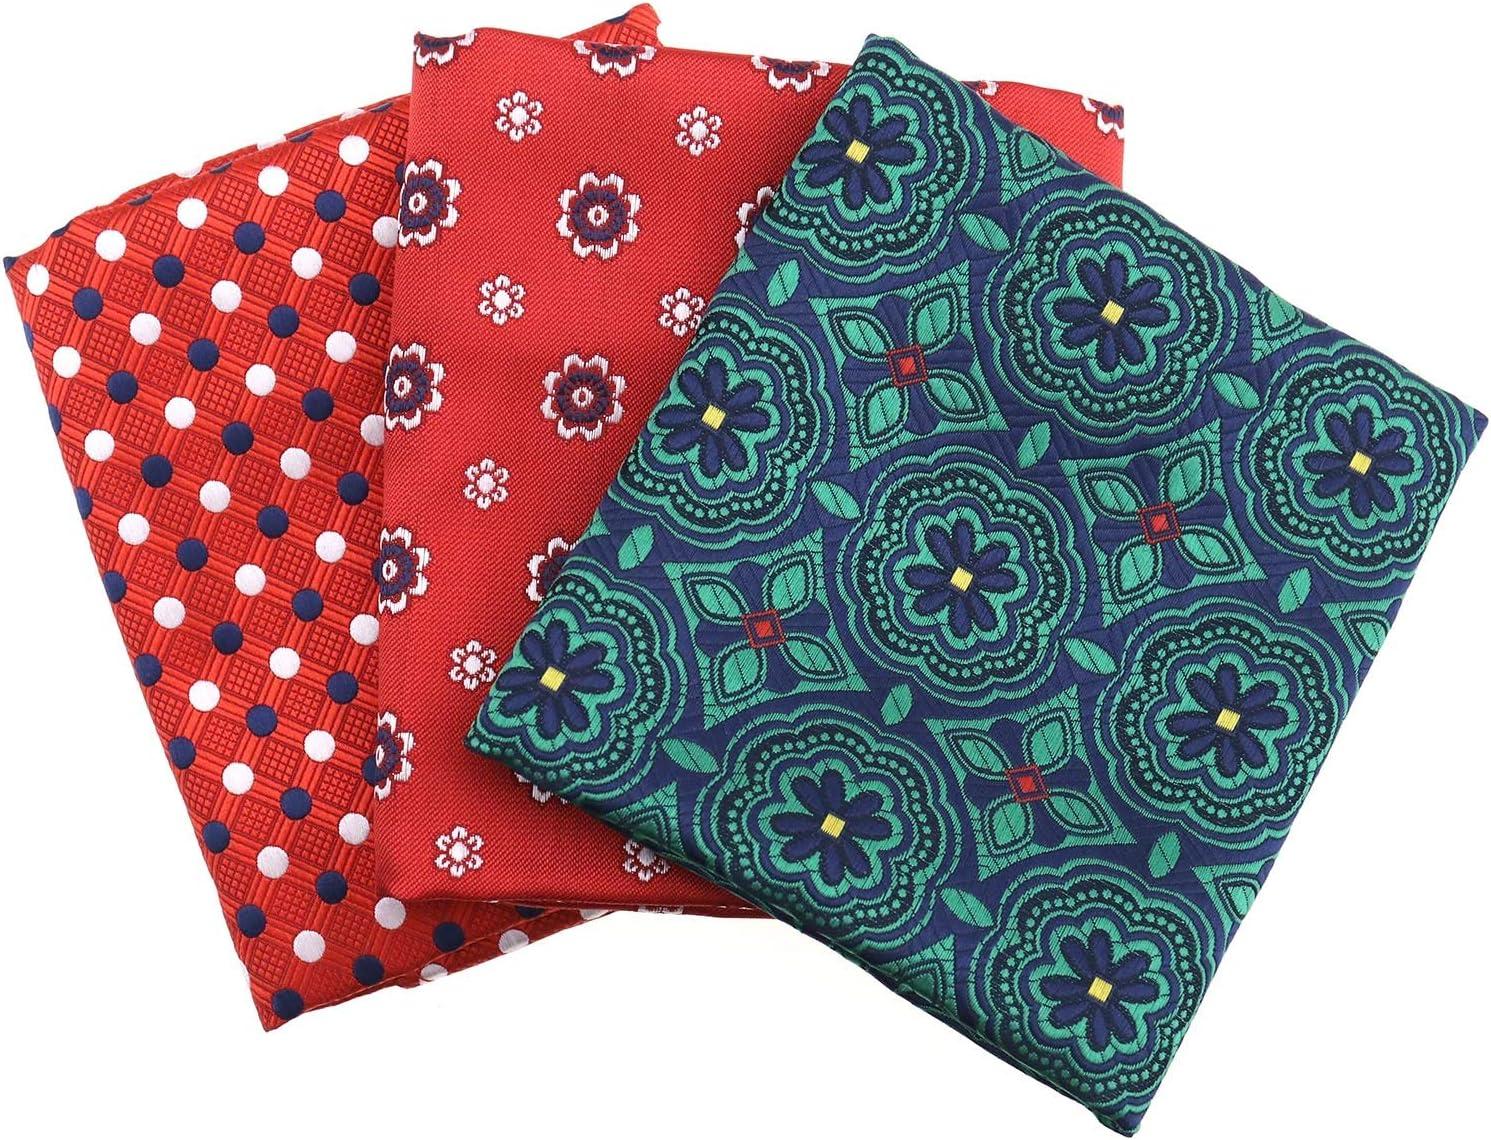 110 St/ücke Einstecktuch Plaid M/änner Anzug Tasche Handtuch Taschentuch Taschent/ücher